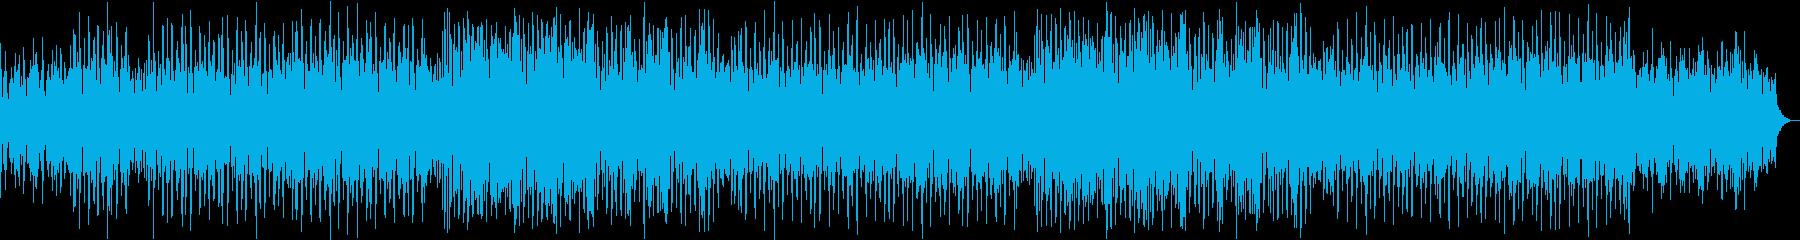 【おしゃれな和風ロック】琴と三味線の再生済みの波形